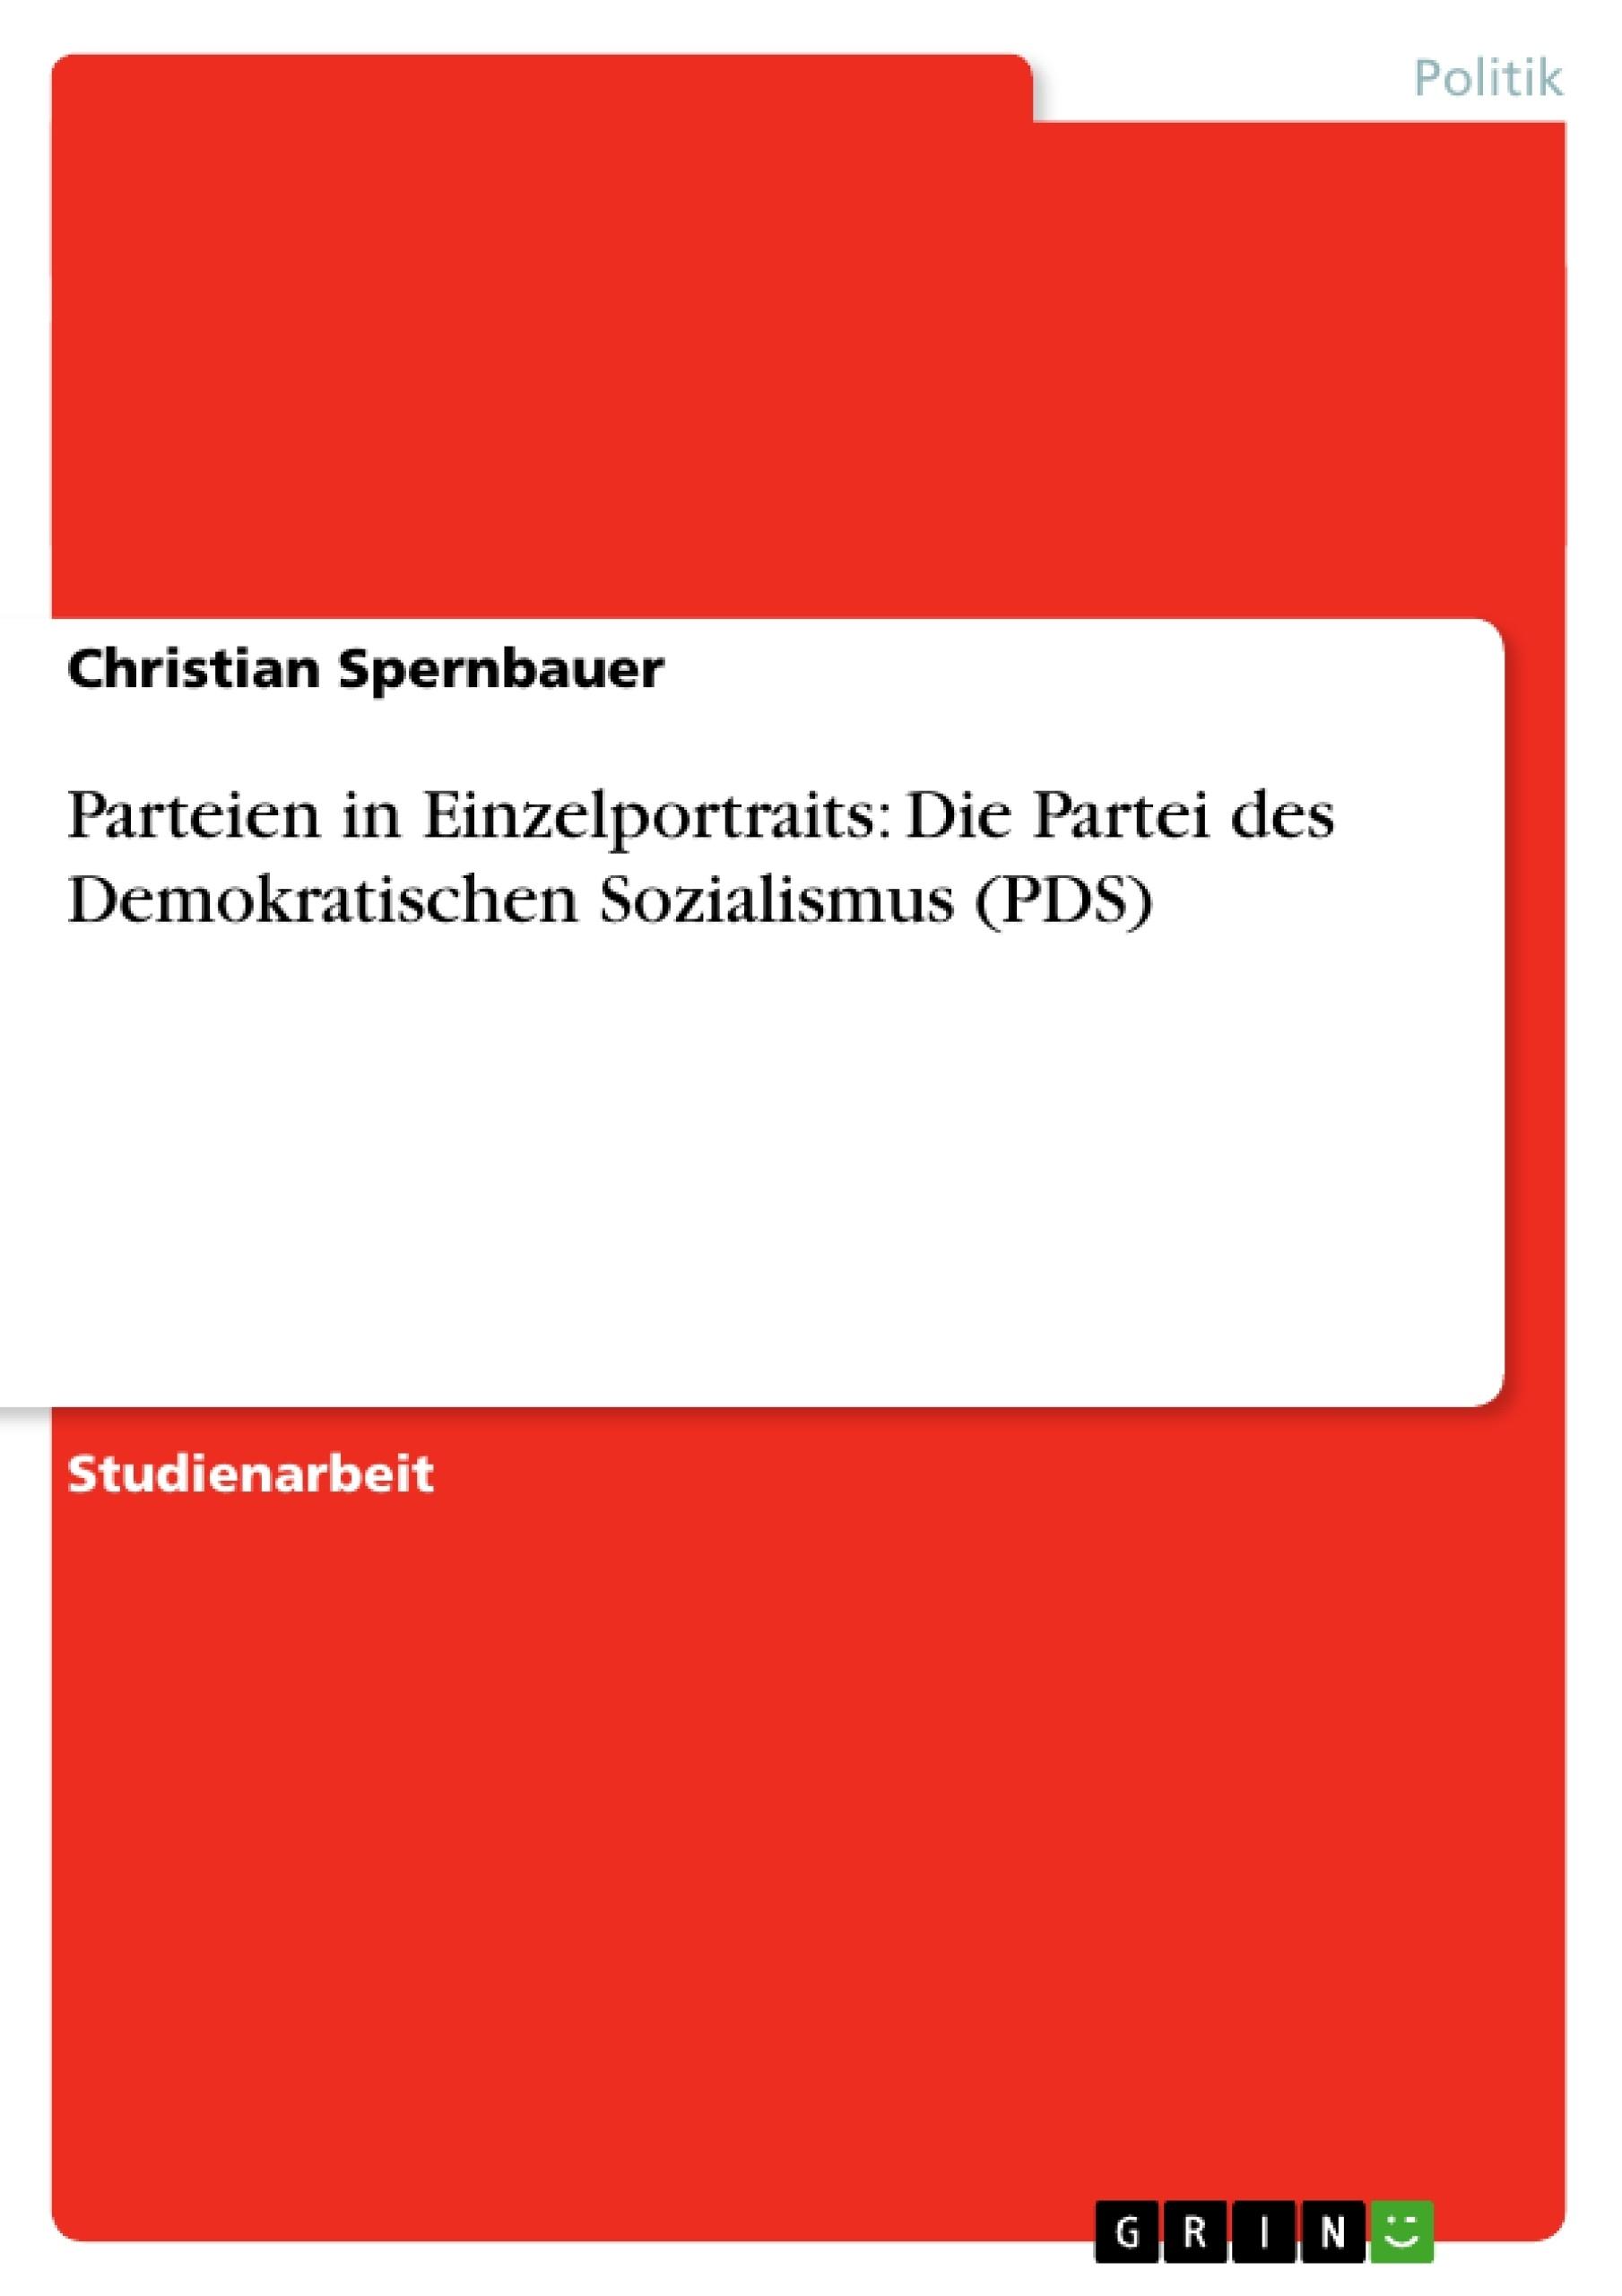 Titel: Parteien in Einzelportraits: Die Partei des Demokratischen Sozialismus (PDS)